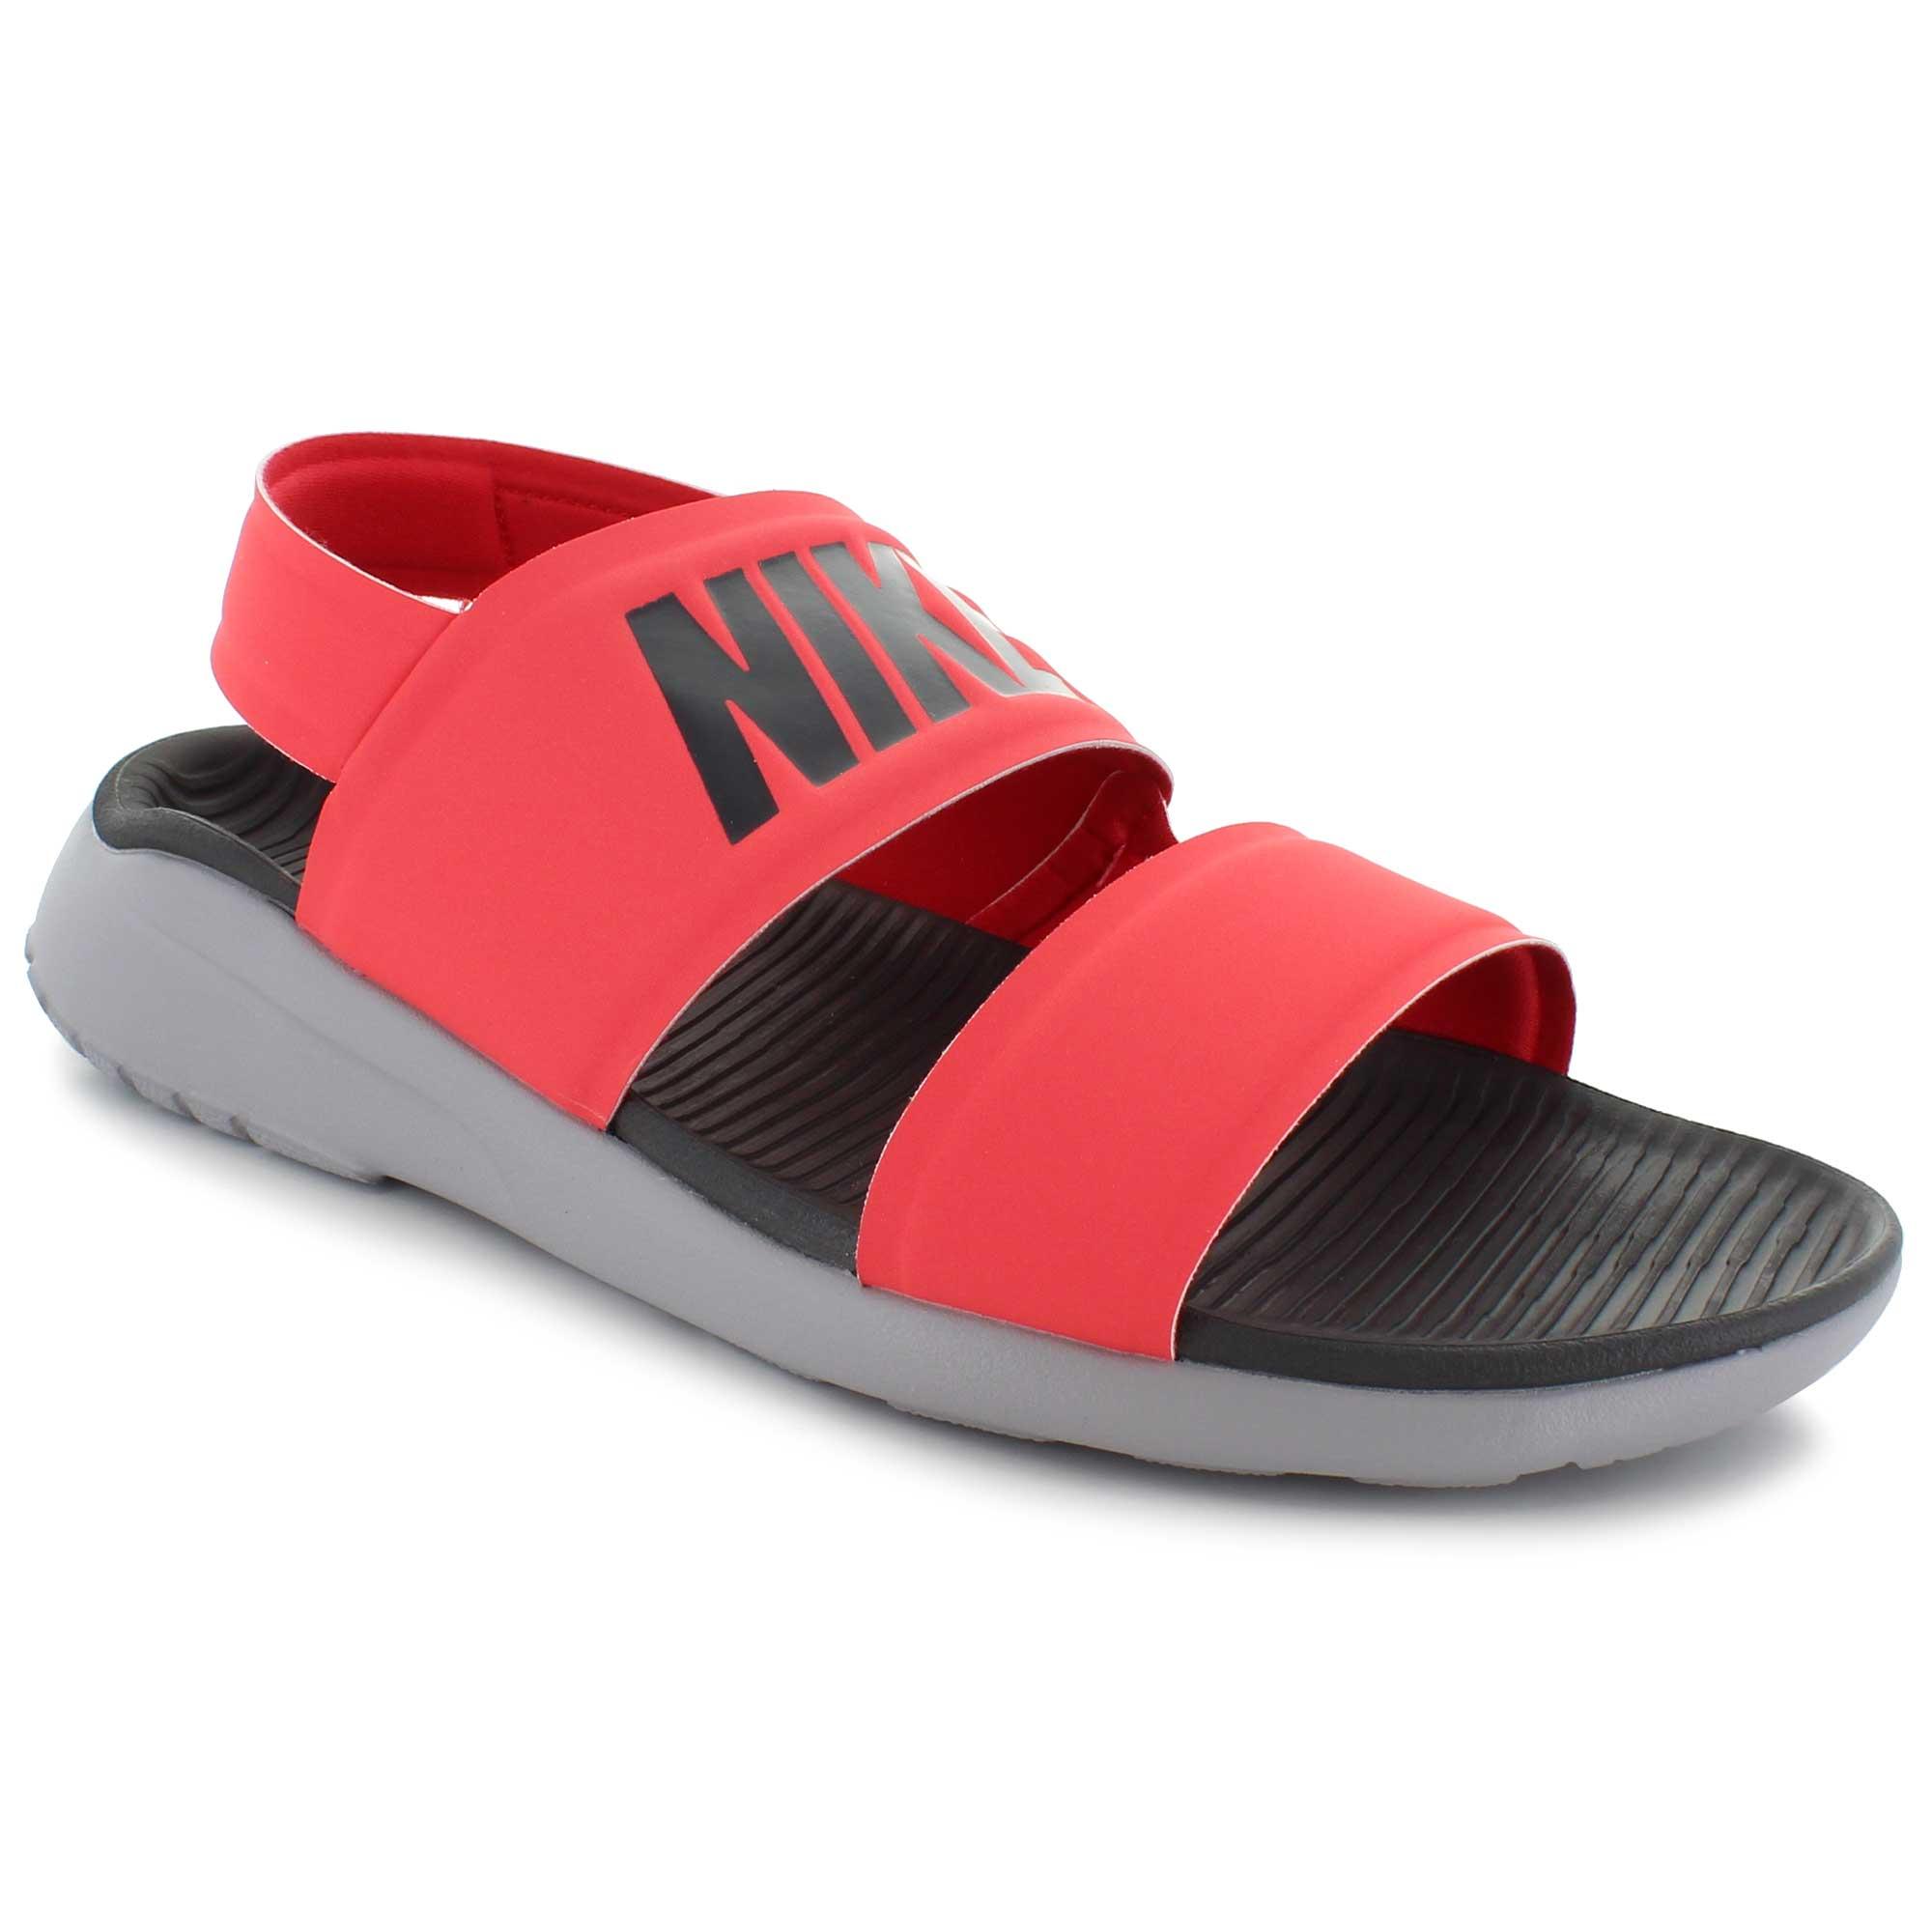 Nike Tanjun Sandal | SHOE DEPT ENCORE